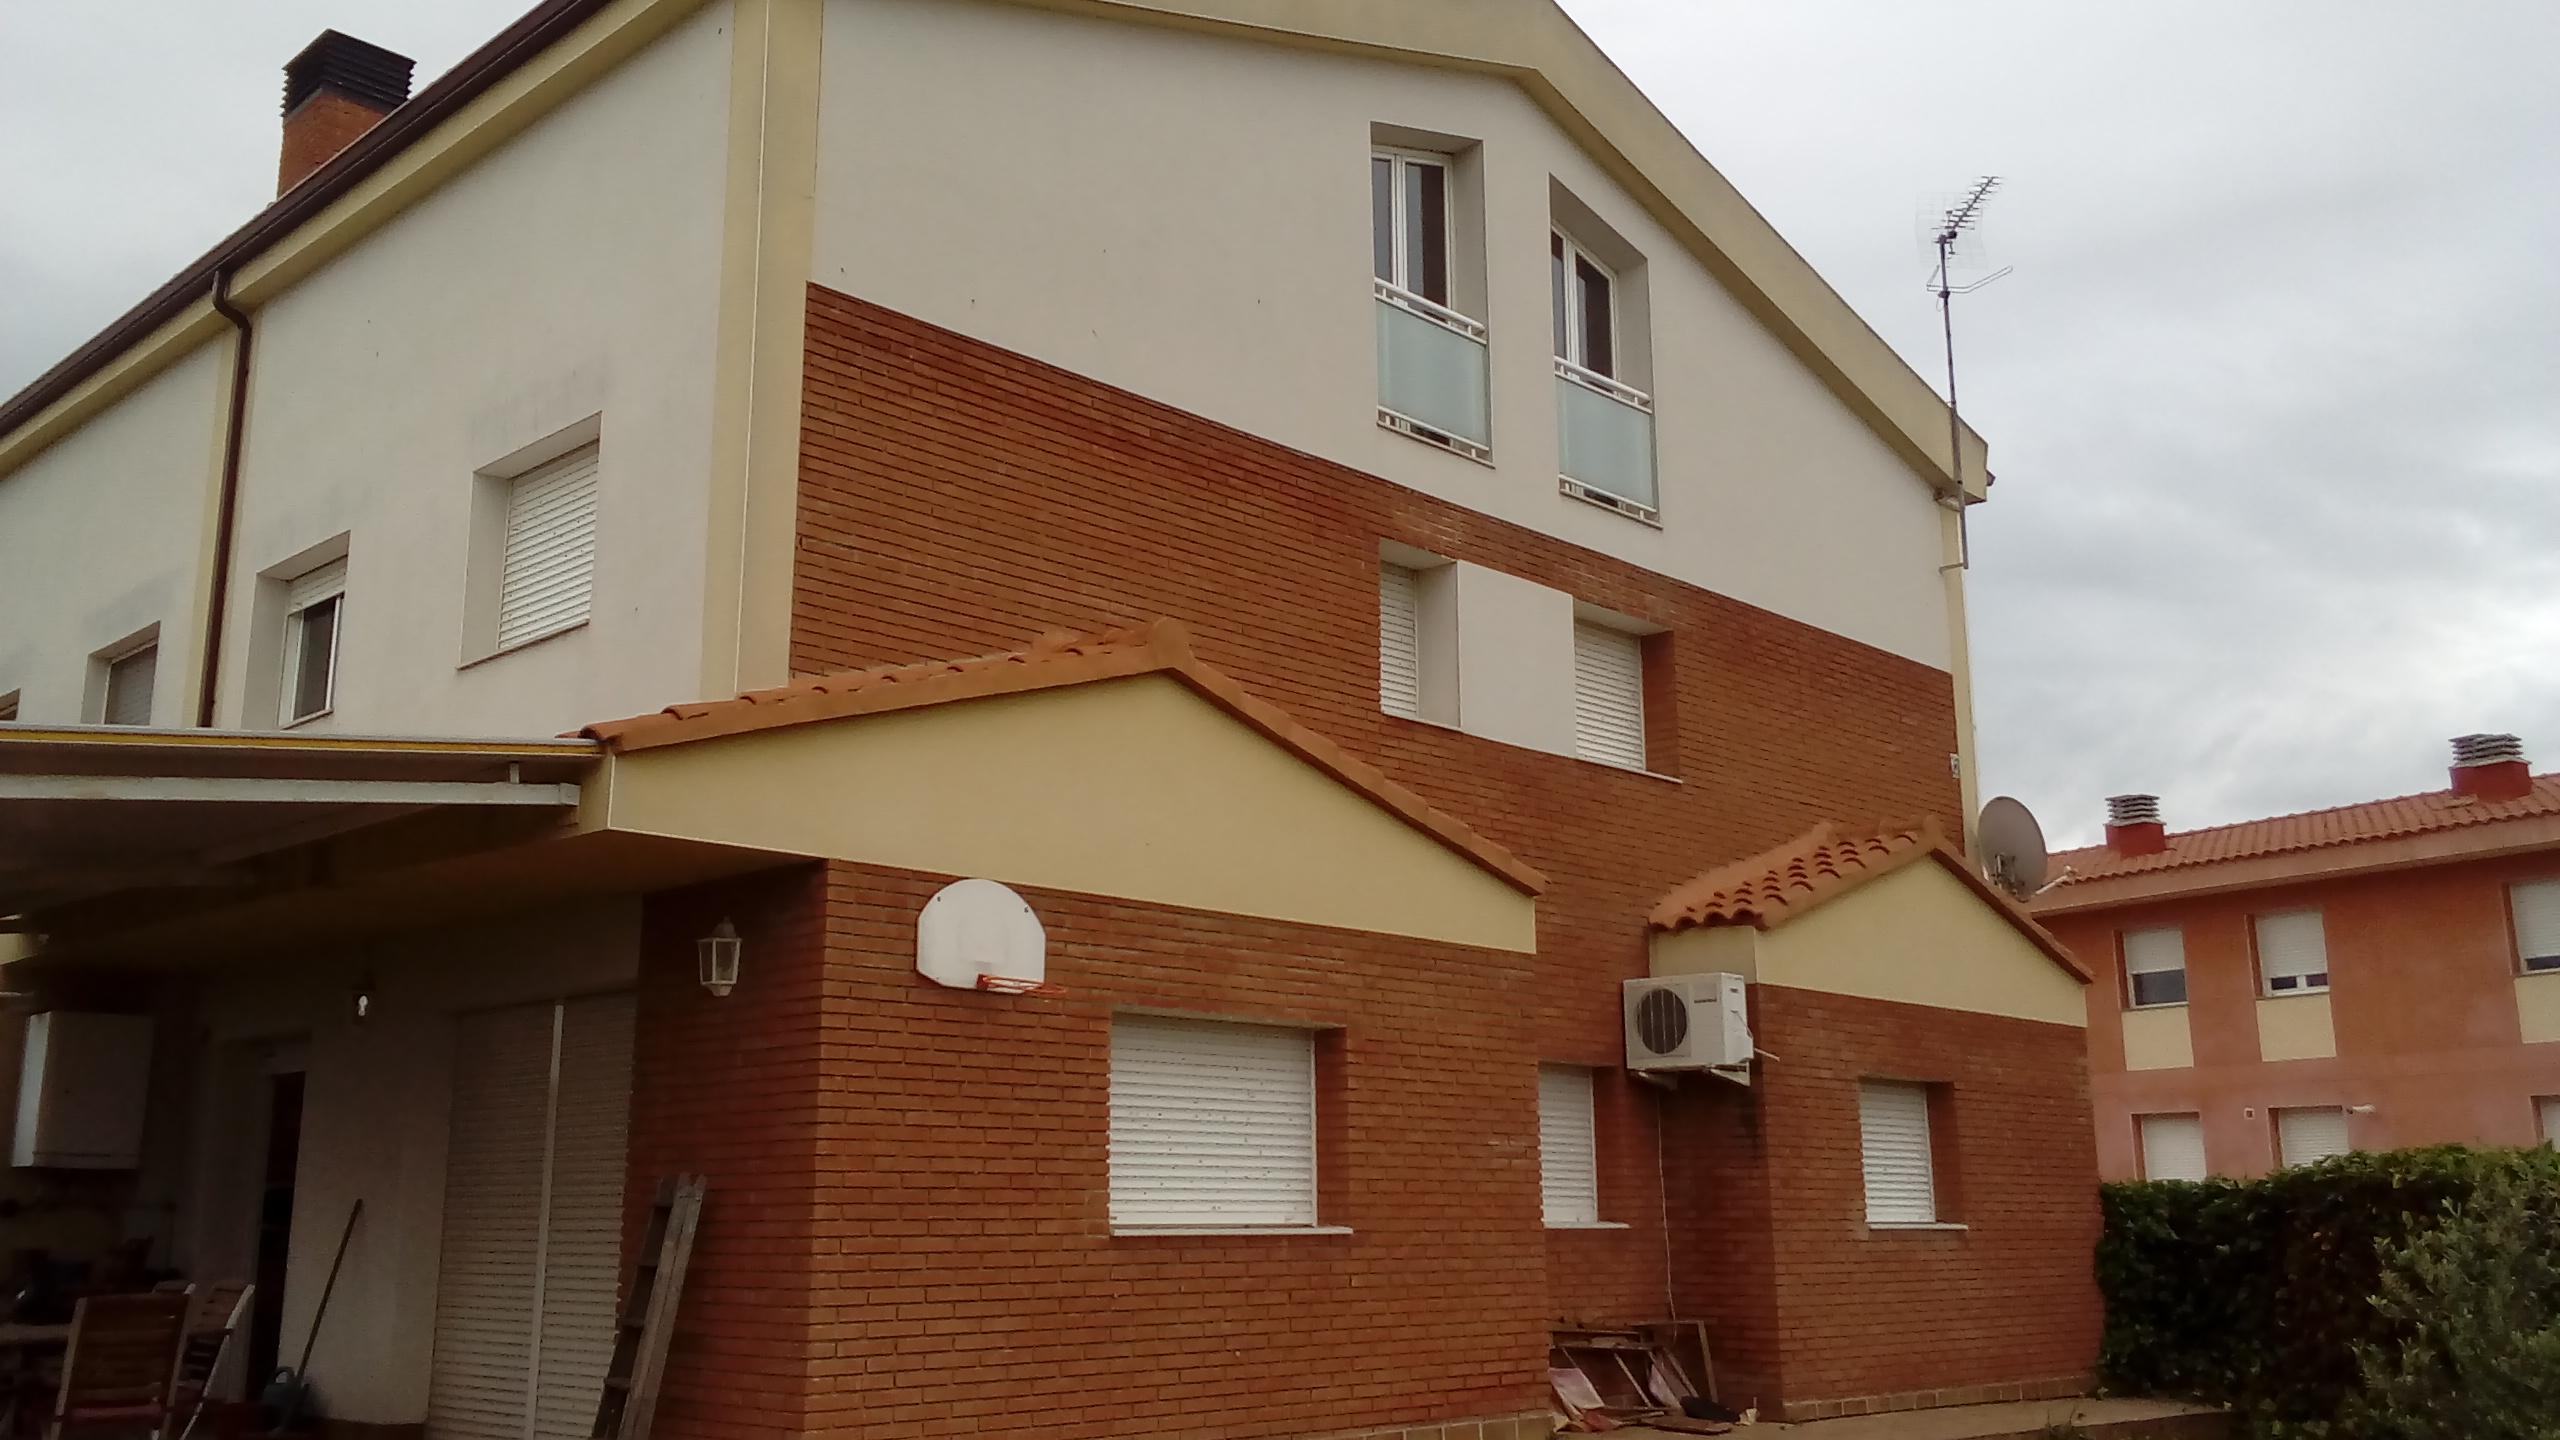 Casa pareada en Corbins